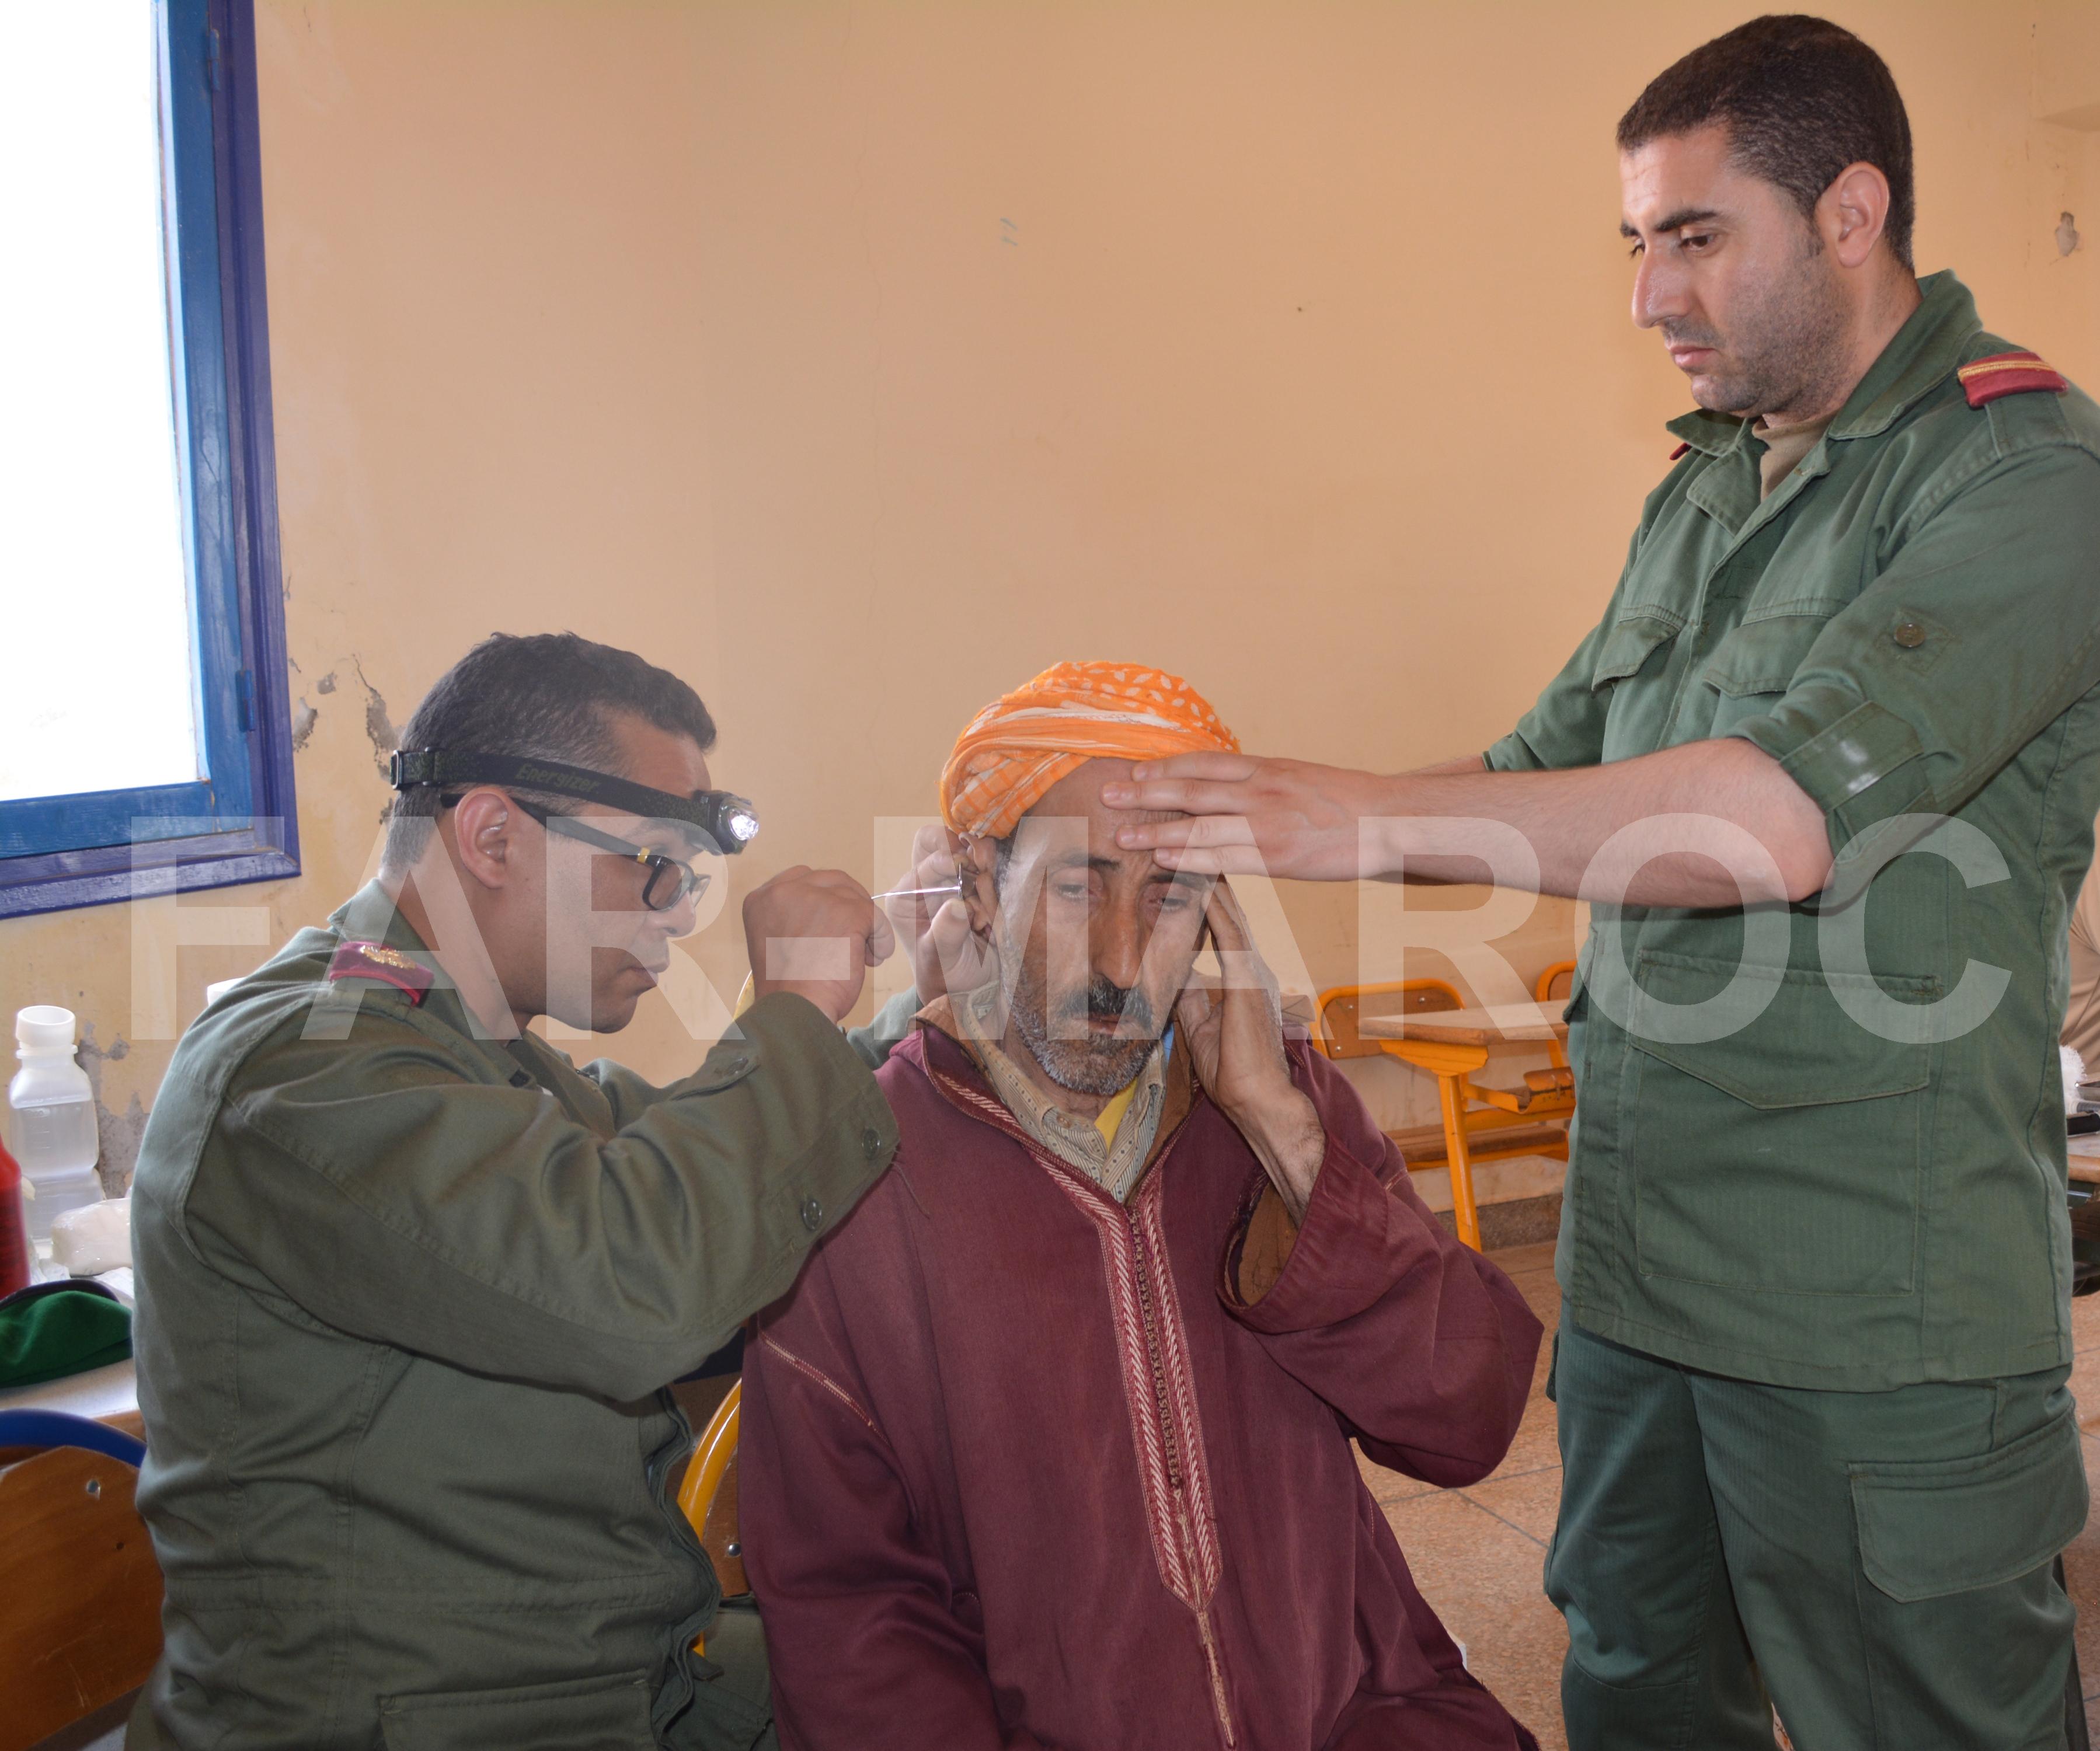 Les Opérations Humanitaires menées par nos Glorieuses Forces Armées Royales 46715314515_c722a0ea2c_o